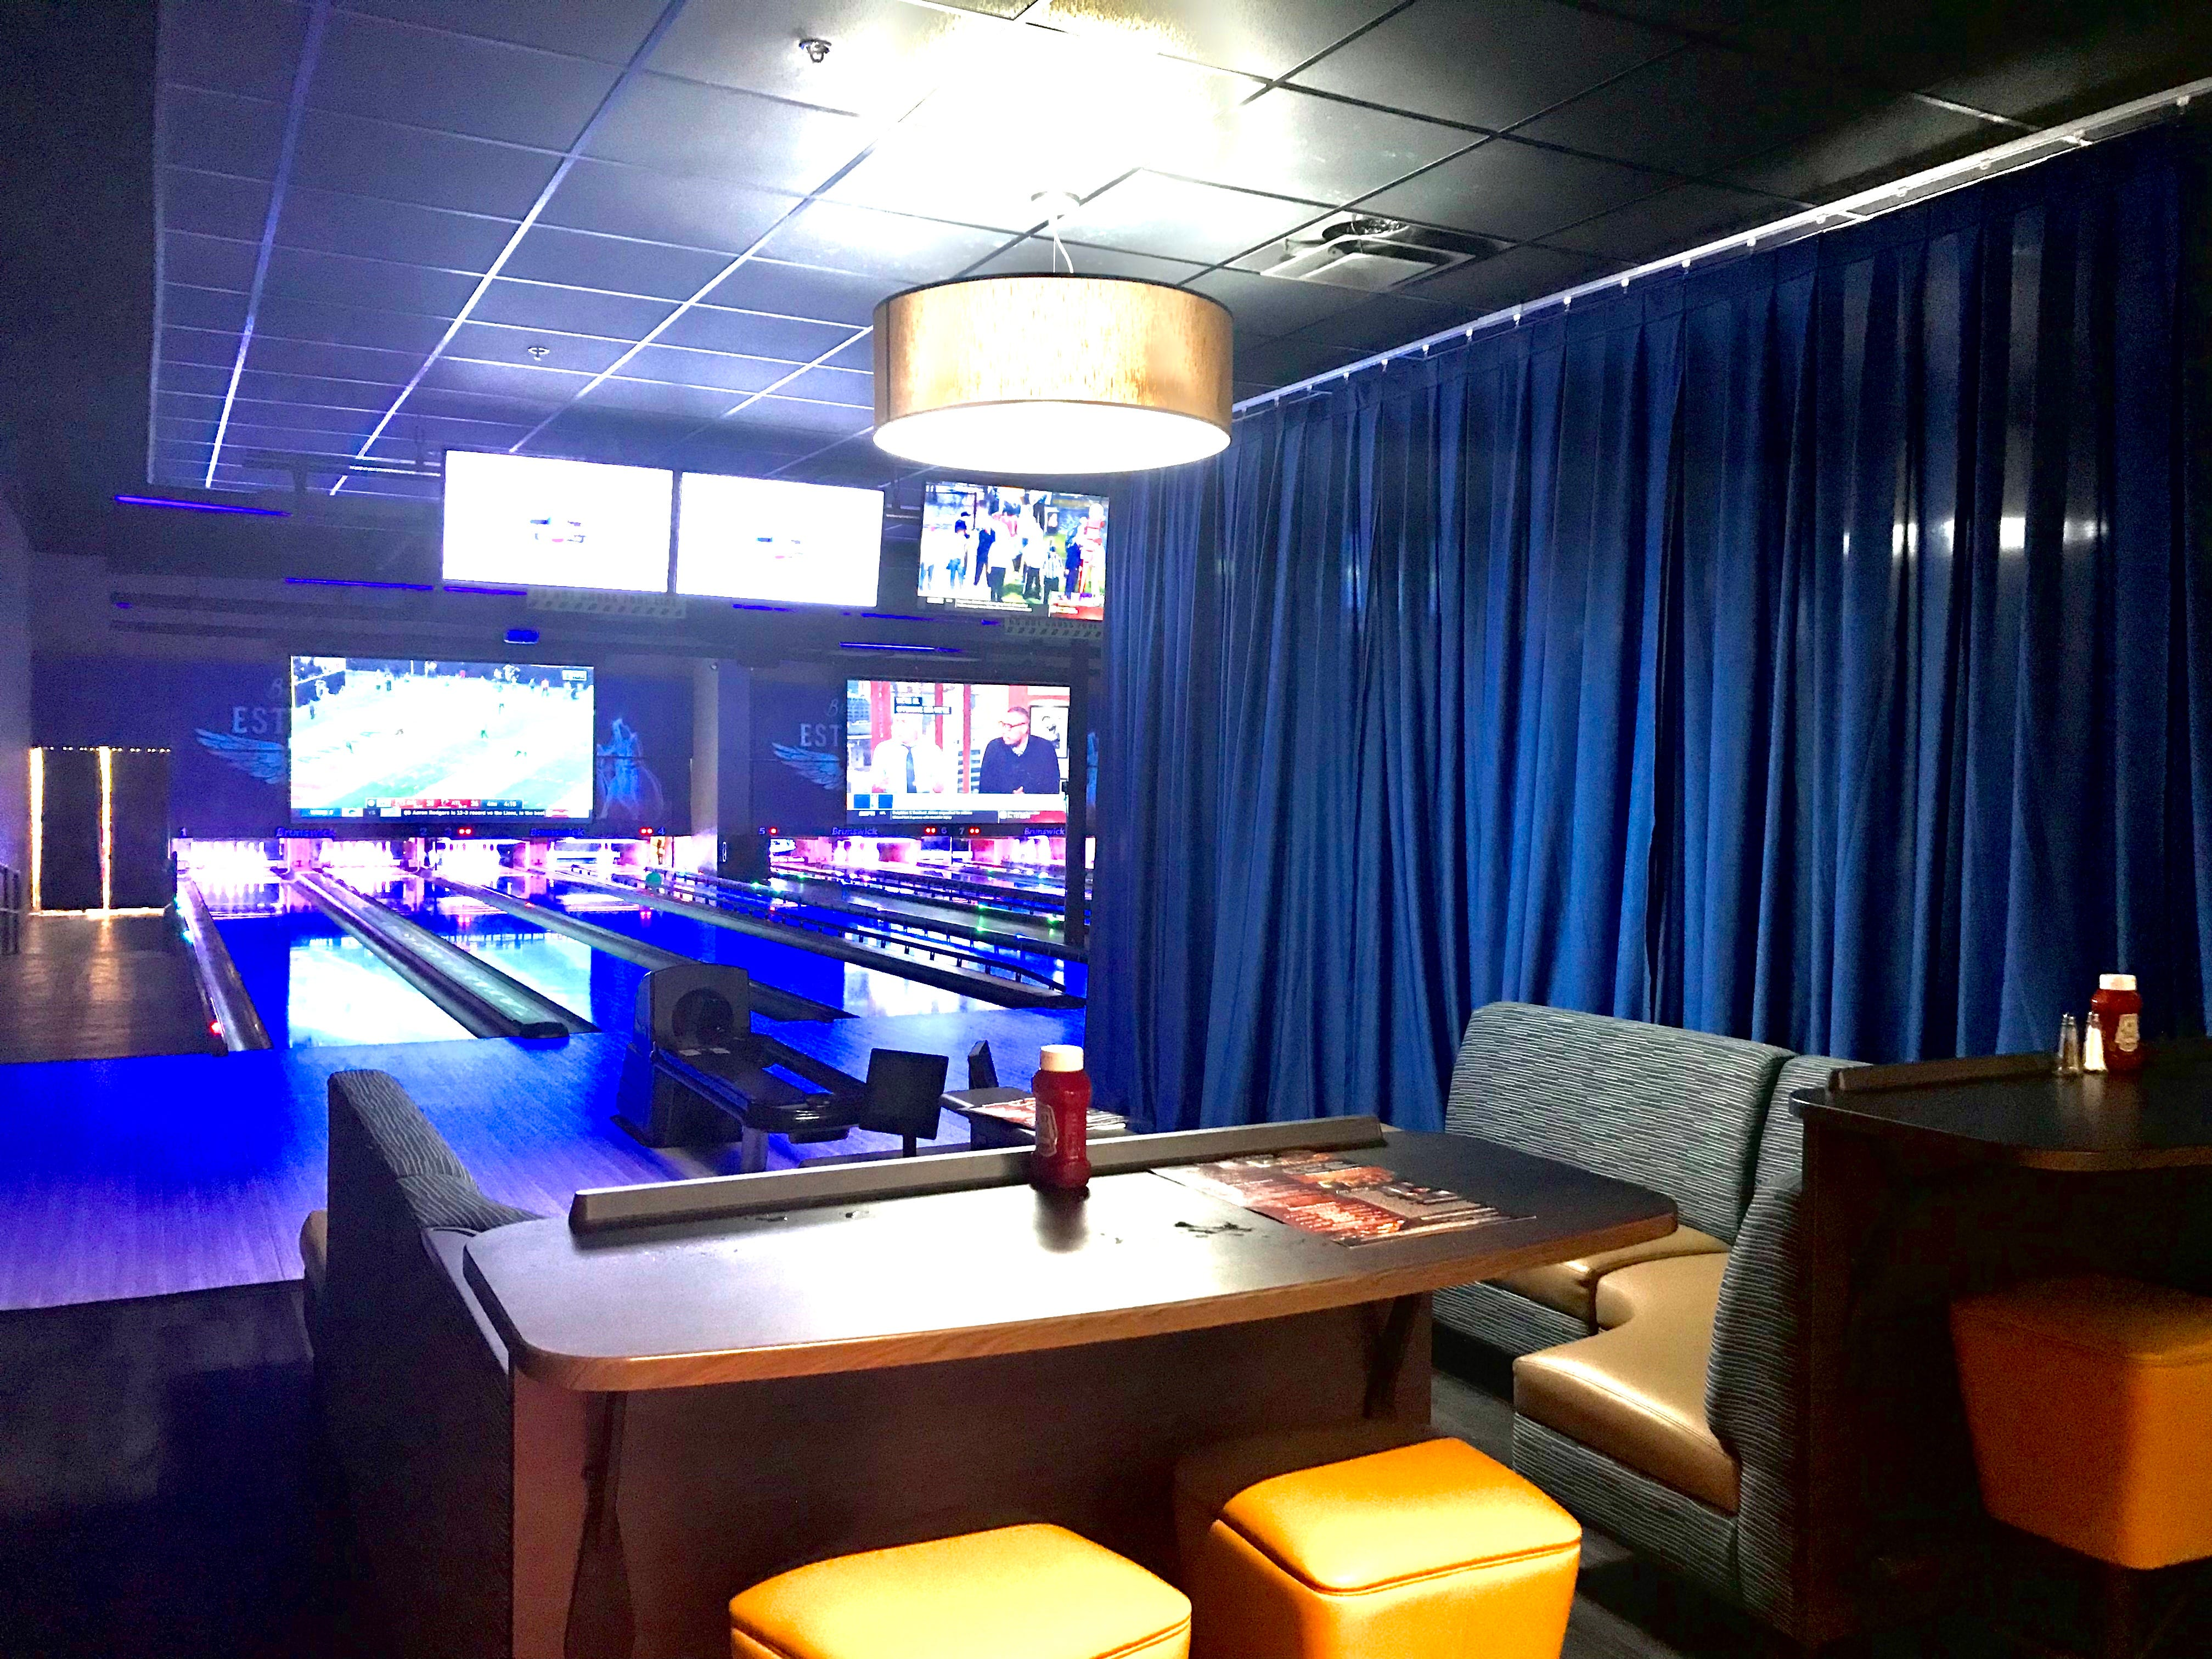 A look at a VIP bowling lane at Stars and Strikes in Smyrna, Tenn.